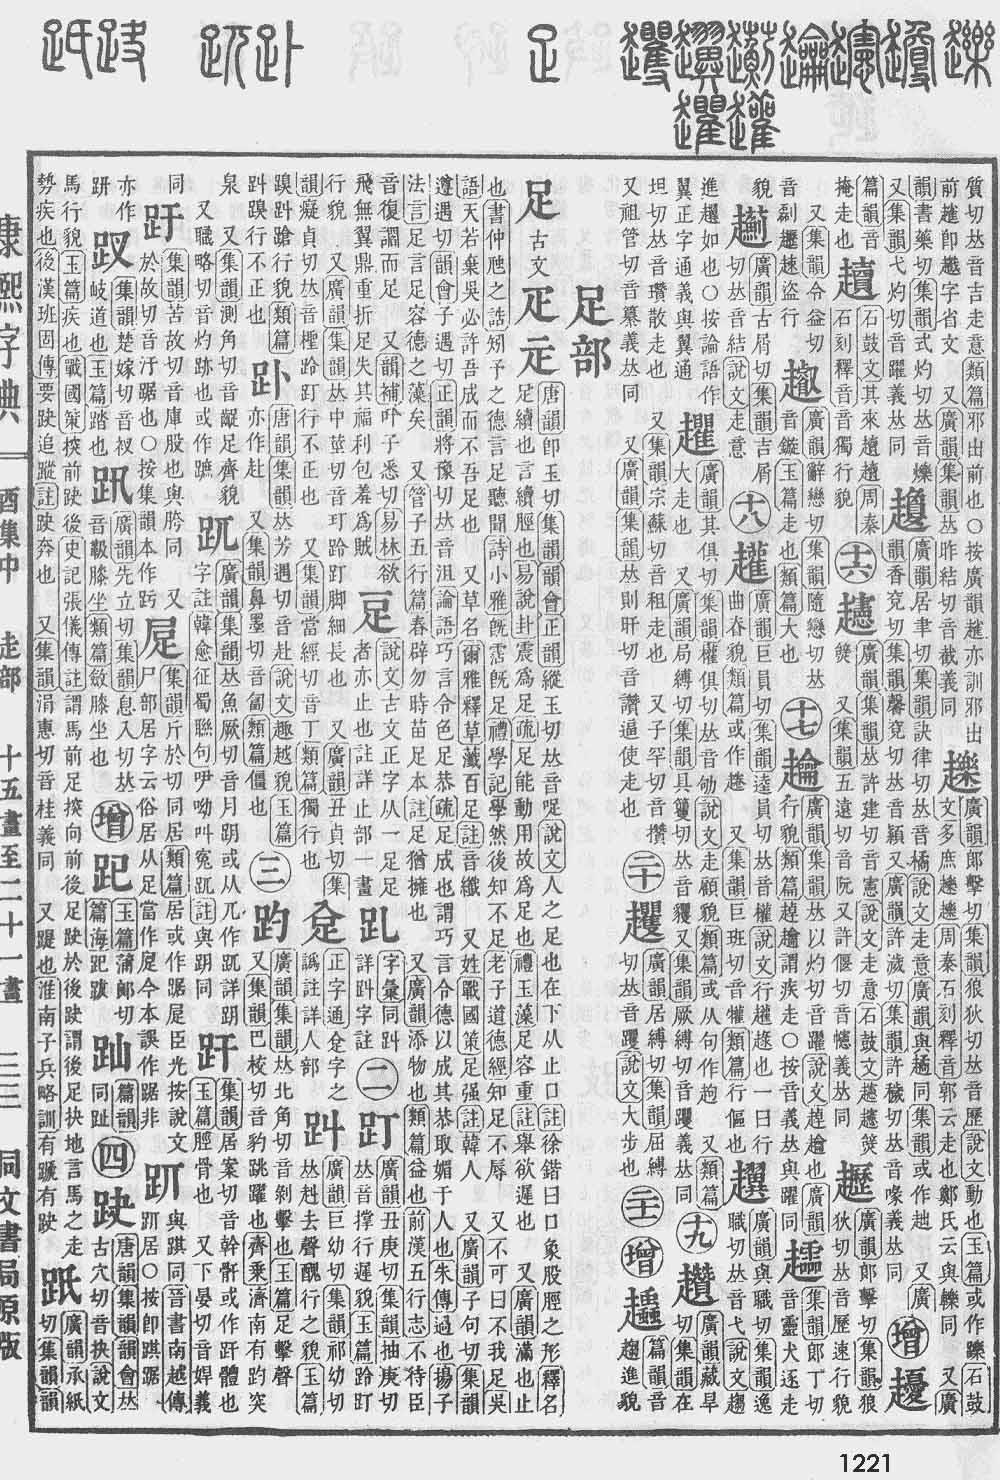 《康熙字典》第1221页